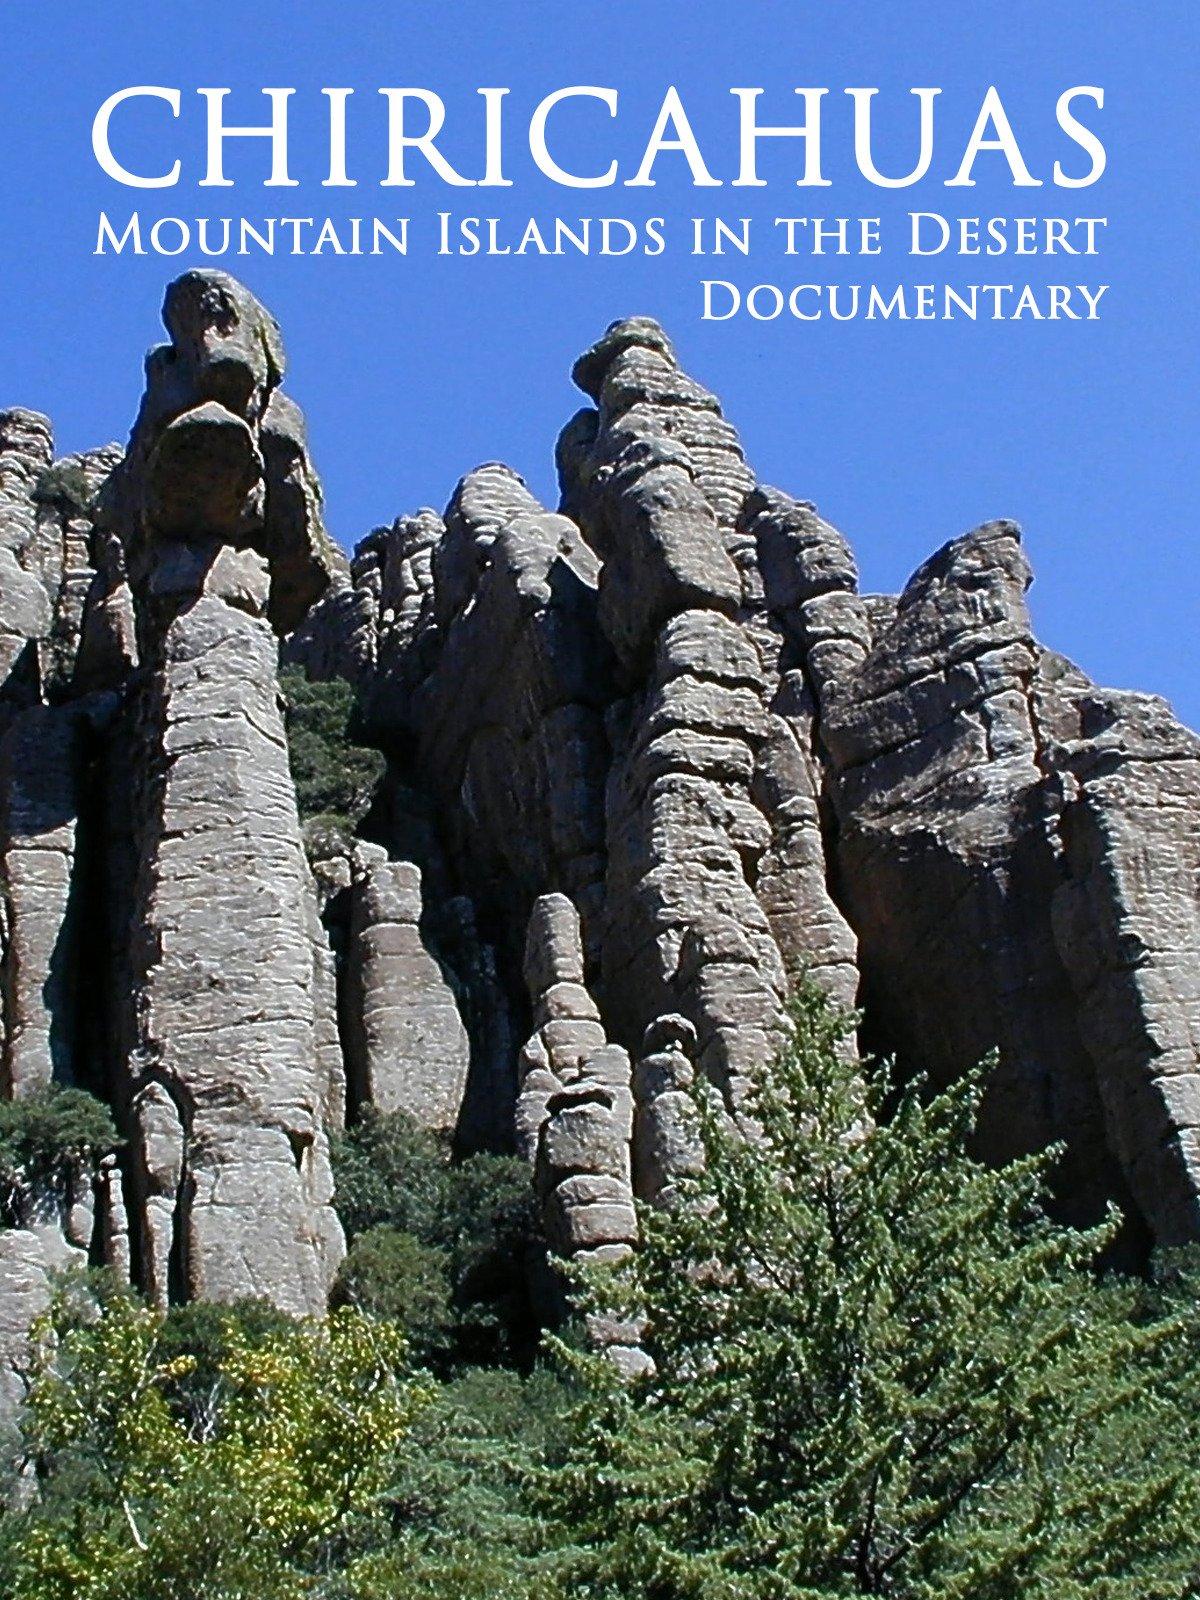 Chiricahuas: Mountain Islands in the Desert Documentary